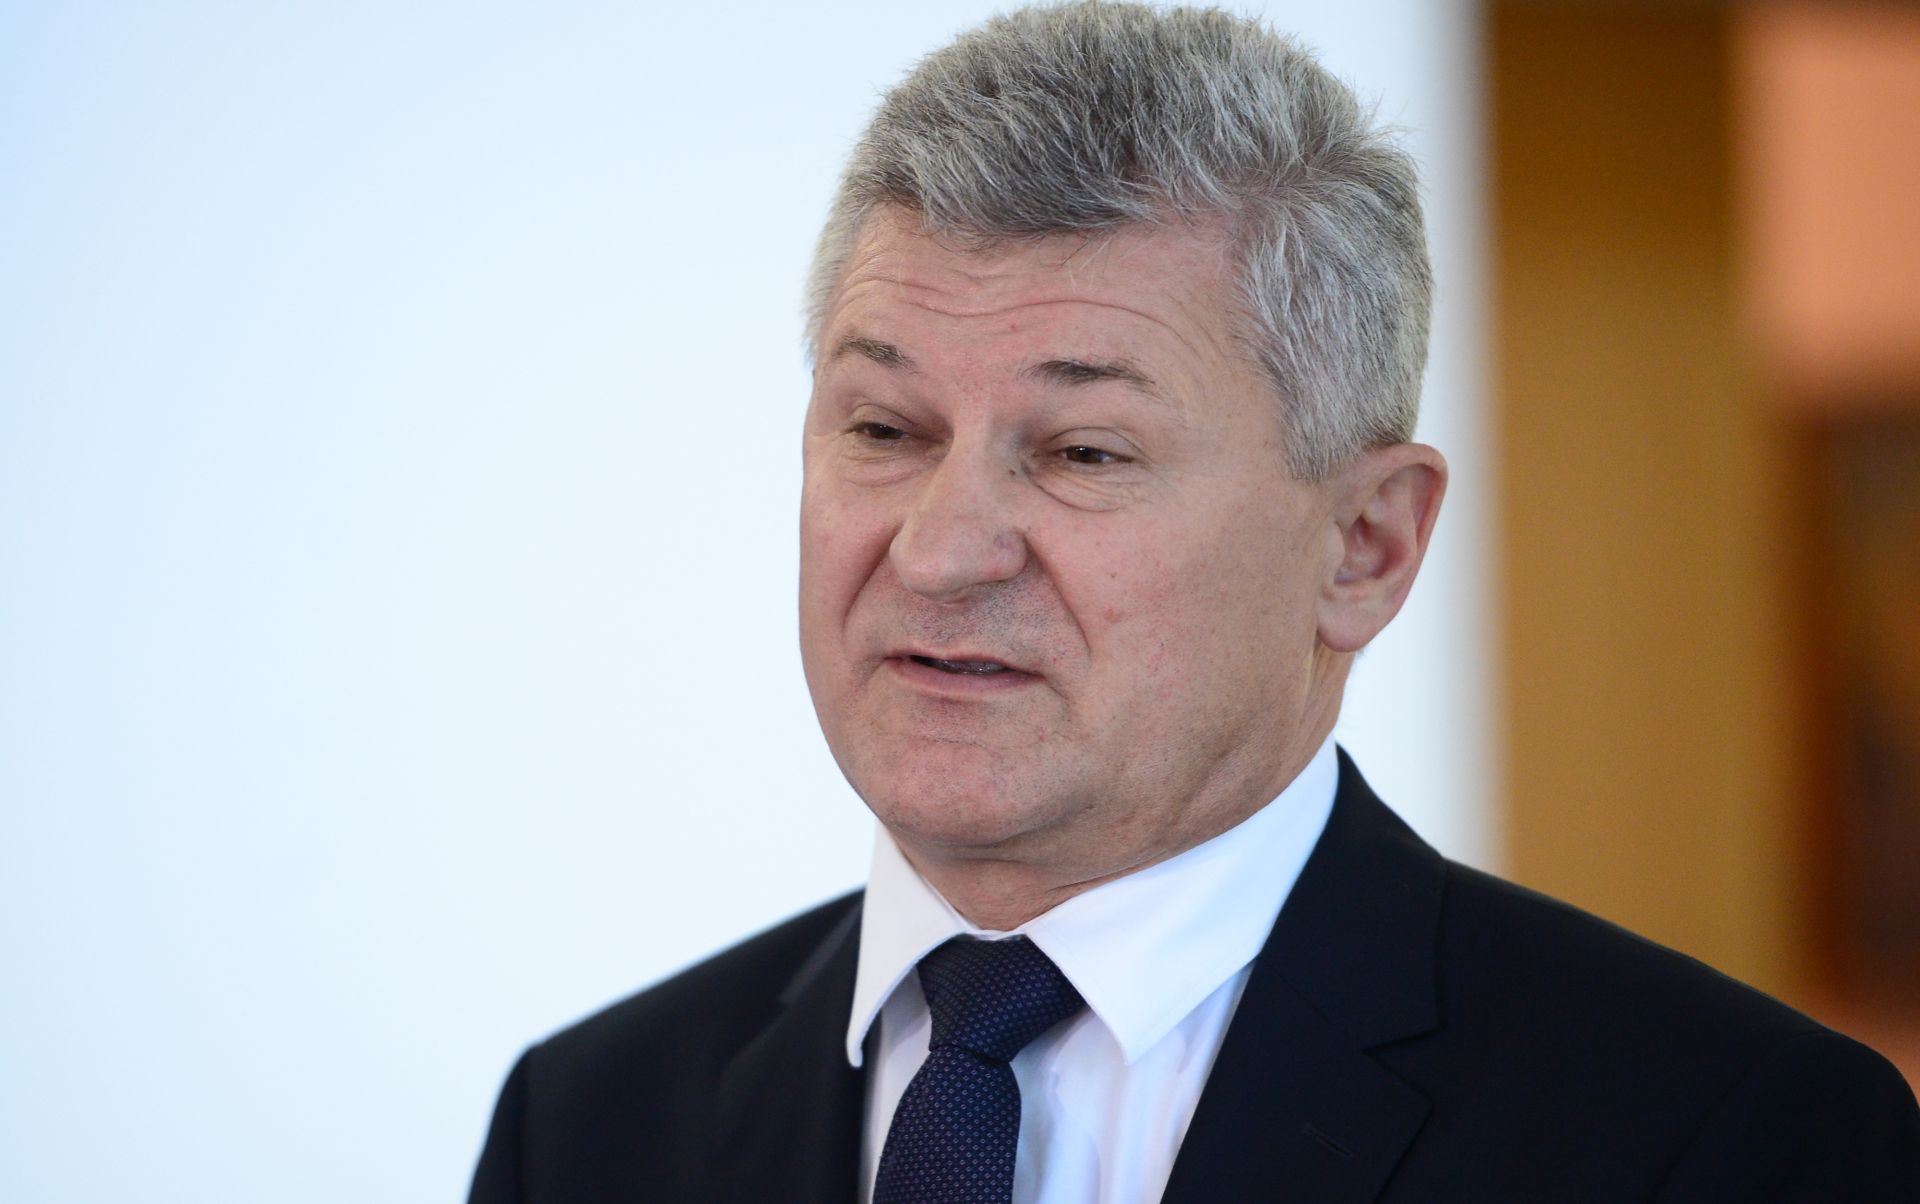 Hrg: Očekujem da će predsjednica dati mandat Plenkoviću za sastavljanje vlade